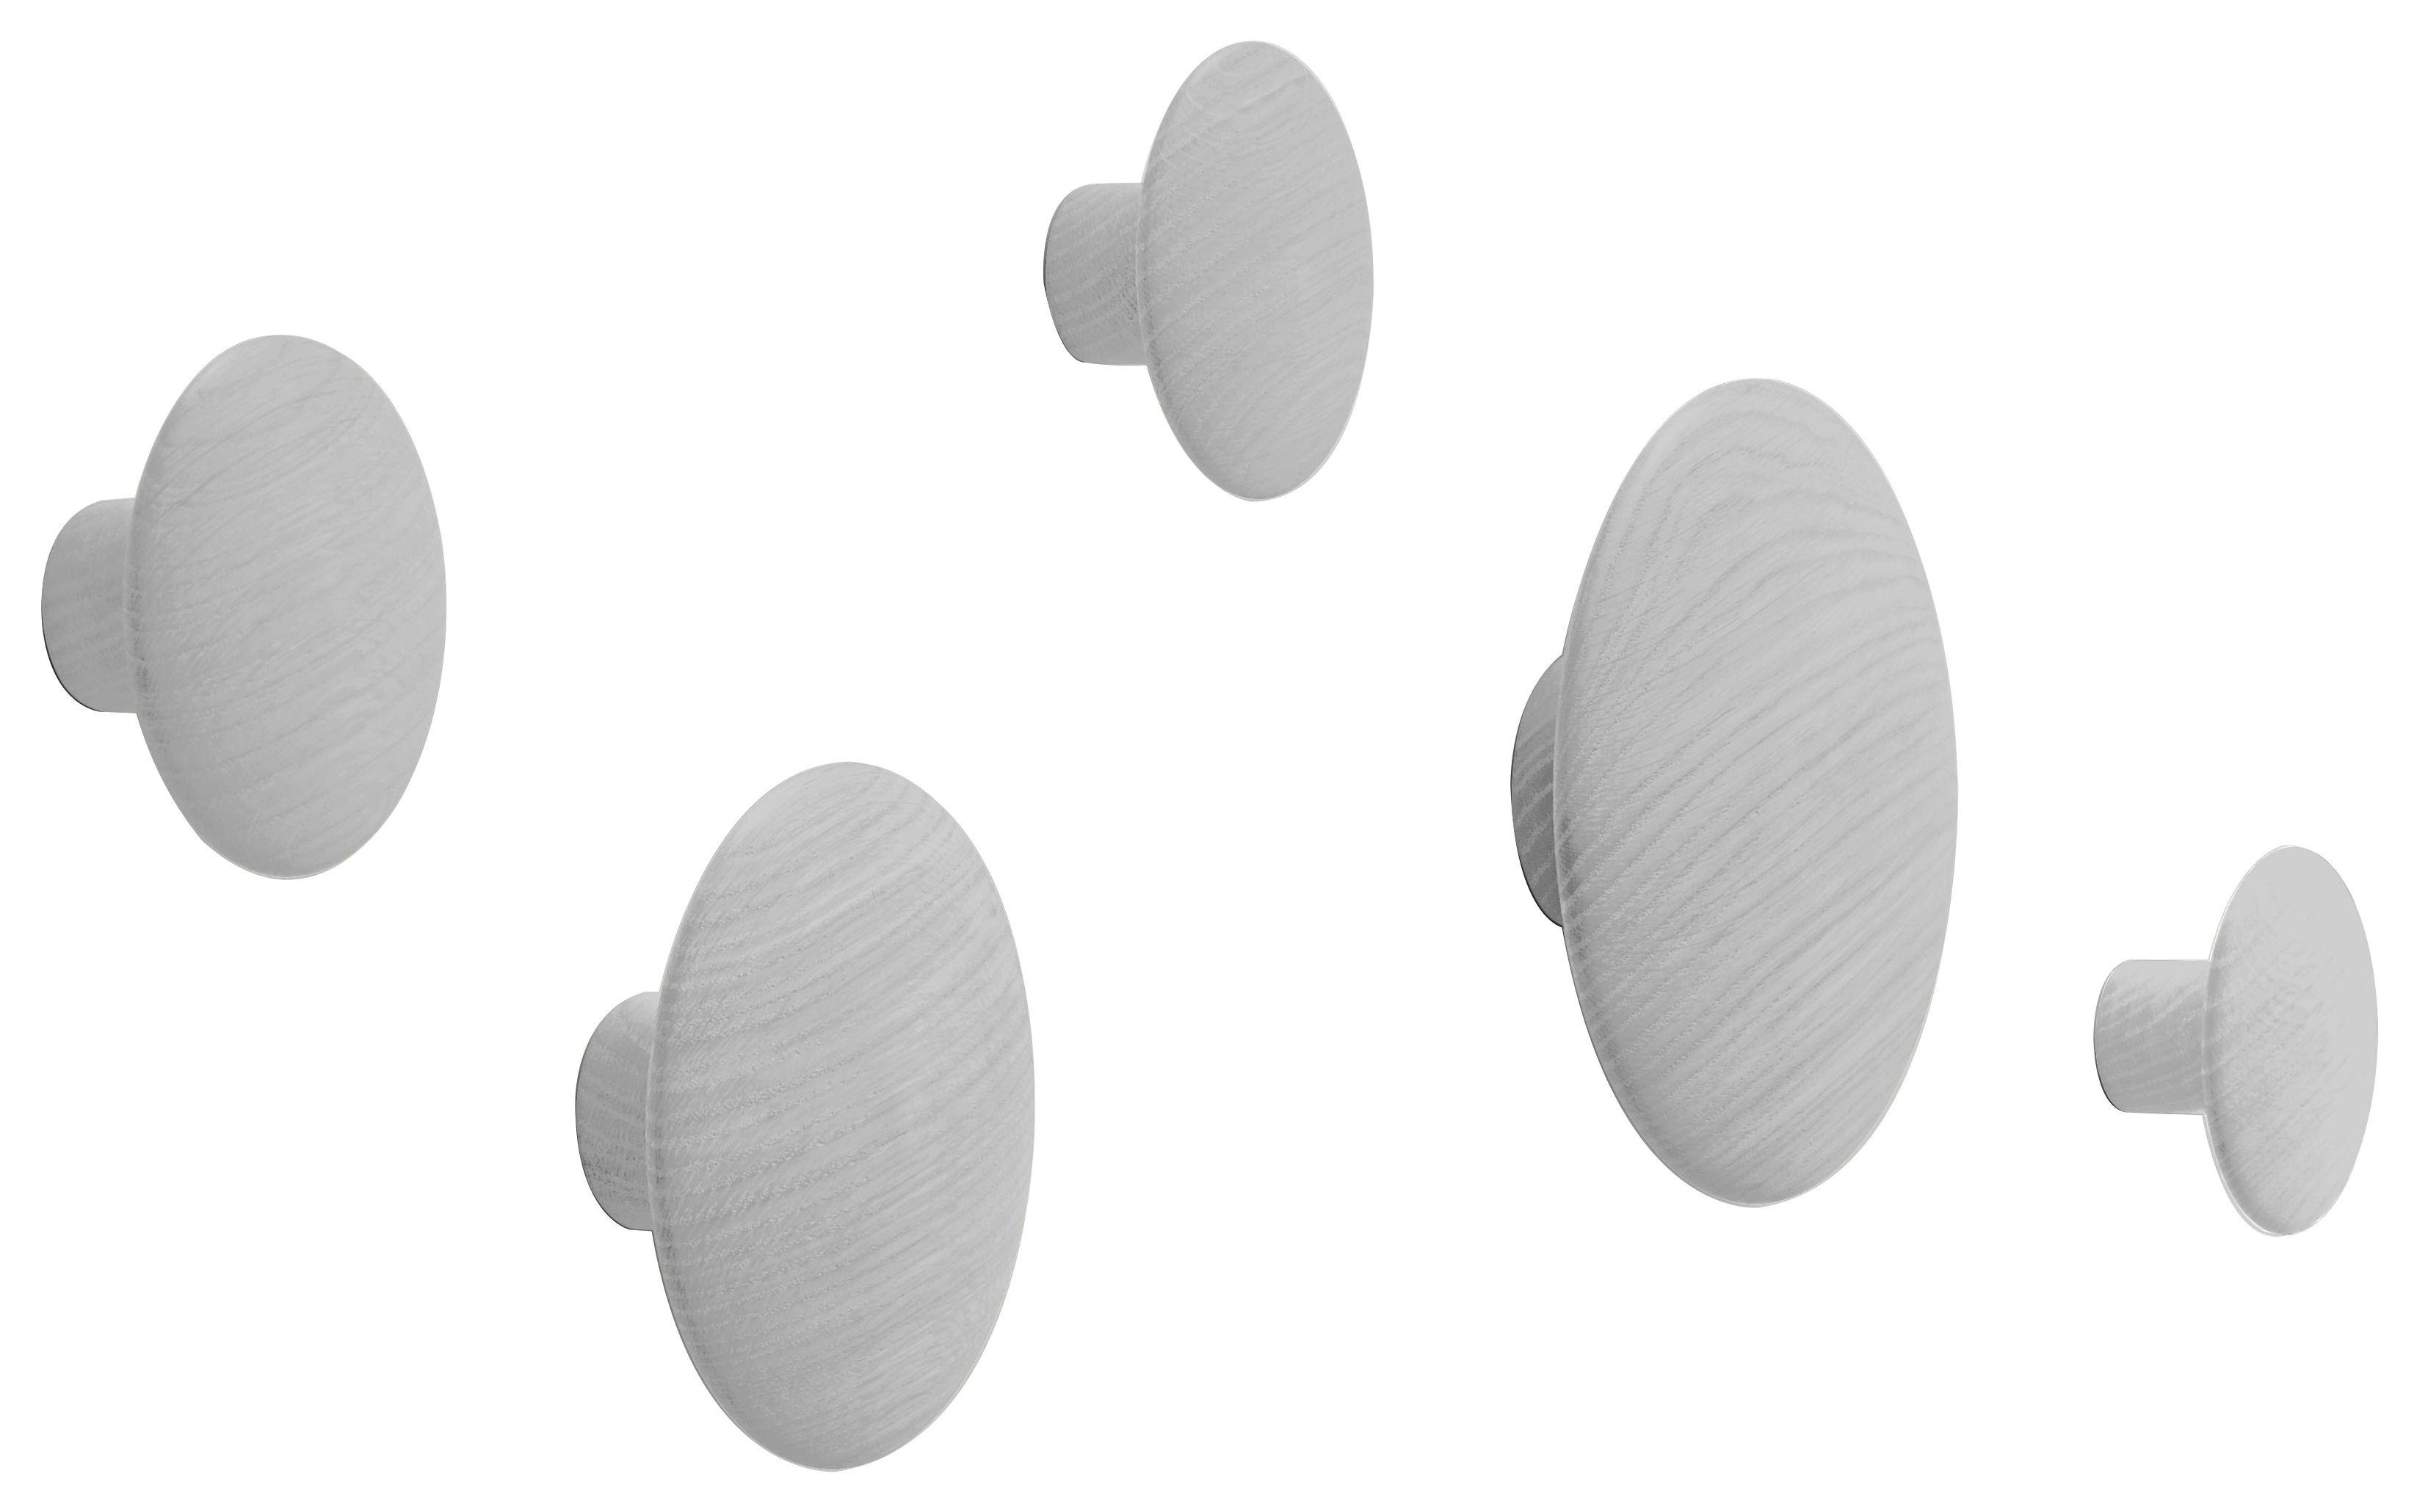 Mobilier - Portemanteaux, patères & portants - Patère The Dot / Set de 5 - Muuto - Gris - Frêne peint